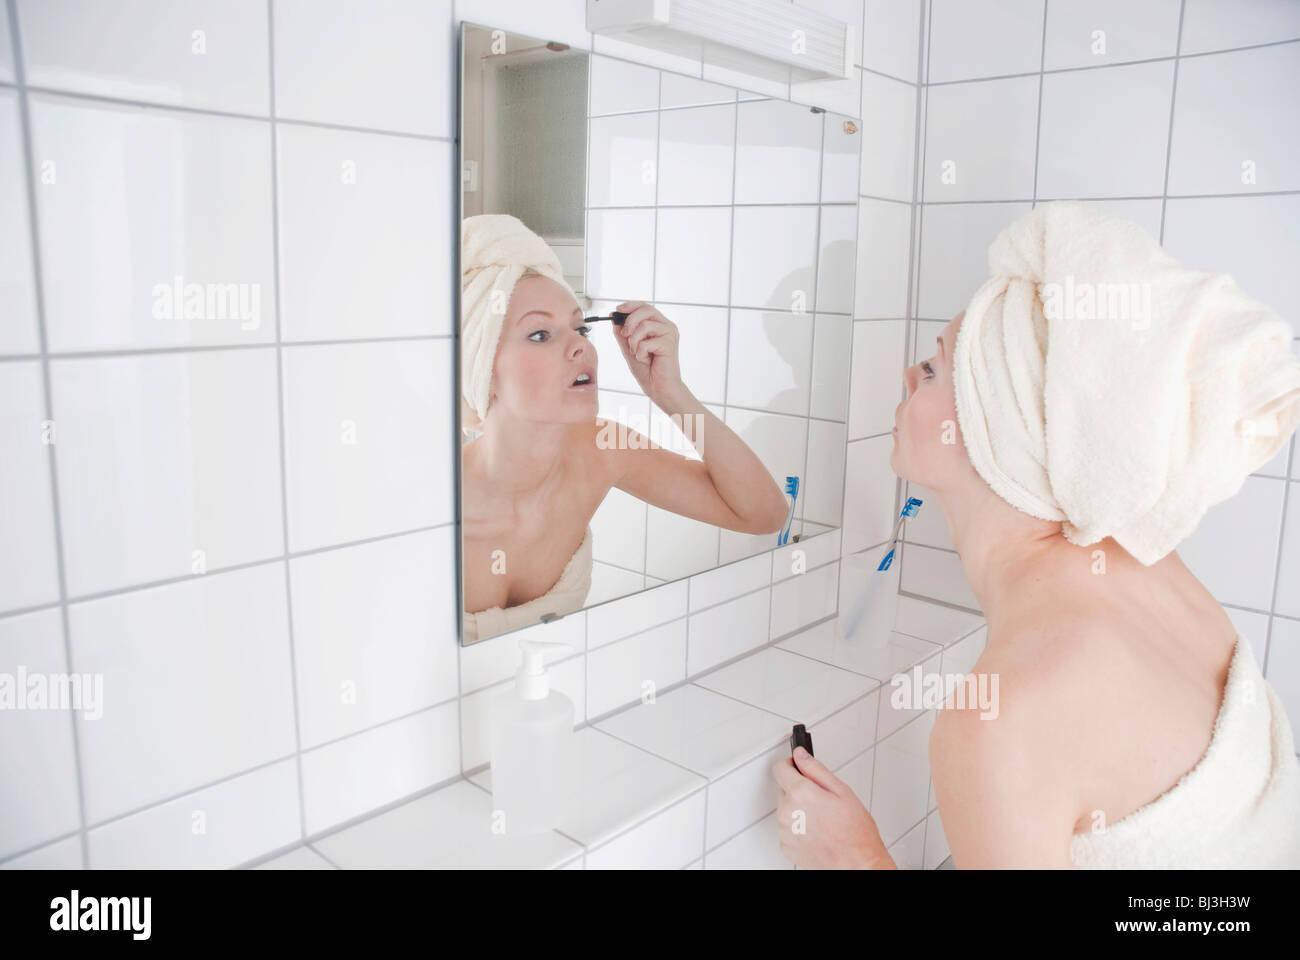 Las mujeres poniendo en mascara delante del espejo del baño Imagen De Stock